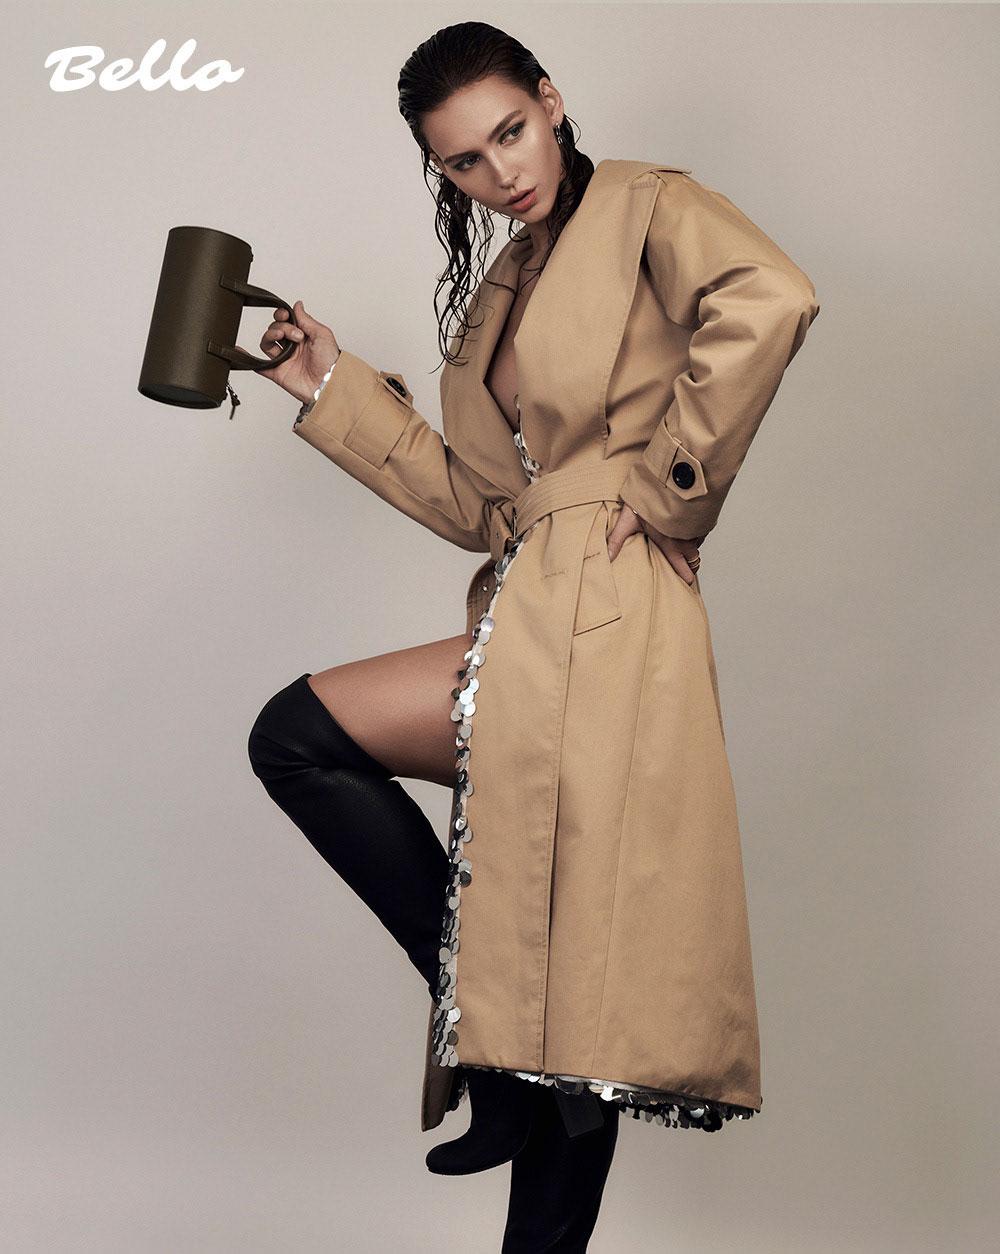 美国摄影师Alena Saz 摄影作品 【bello】杂志人像 时尚图库 第9张